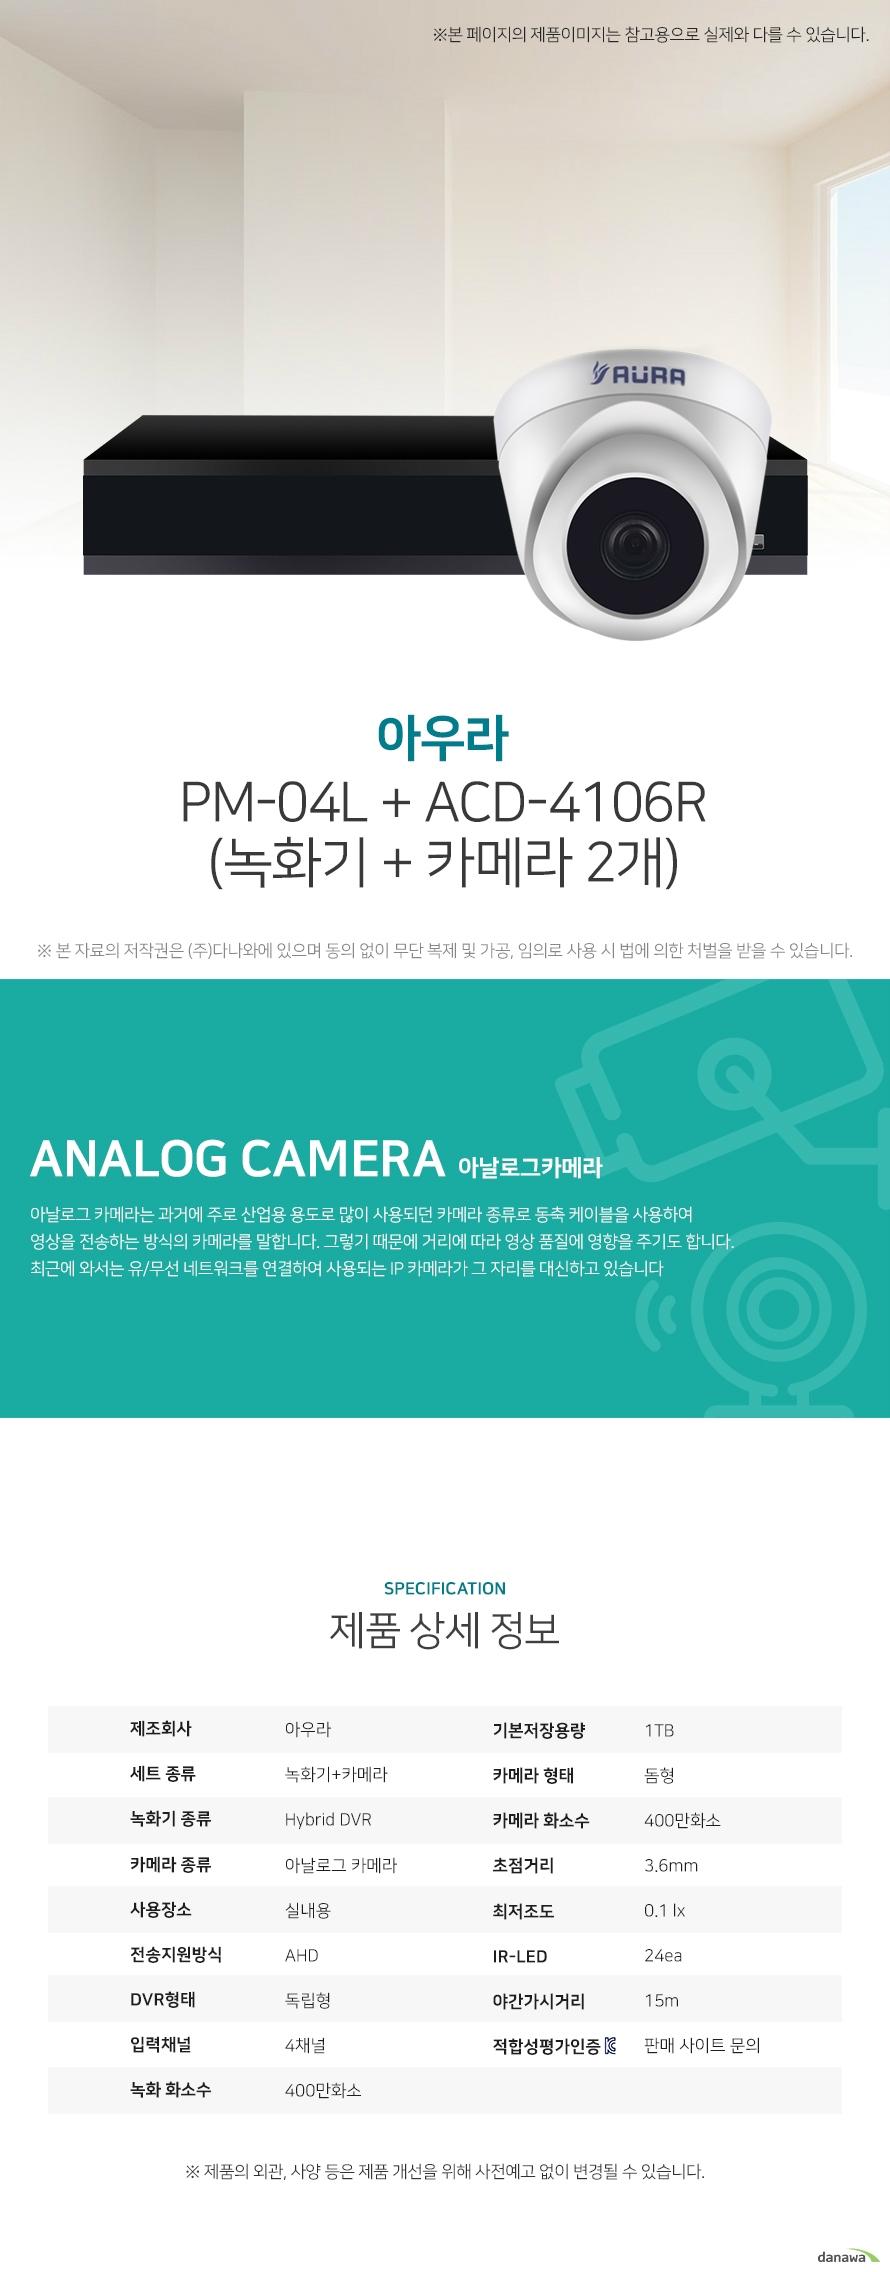 아우라 PM-04L + ACD-4106R (녹화기 + 카메라 2개) 상세 스펙  [세트구성] 녹화기+카메라 / Hybrid DVR / 아날로그 카메라 / 실내용 / AHD / [녹화기] 독립형 / 4채널 / 400만화소 / 기본저장용량: 1TB / 압축방식: H.264 / [카메라] 돔형 / 400만화소 / 초점거리: 3.6mm / 최저조도: 0.1 lx / IR-LED: 24ea / 야간(주간)자동전환 / 역광보정 / AGC / 자동화이트밸런스 / 적외선LED